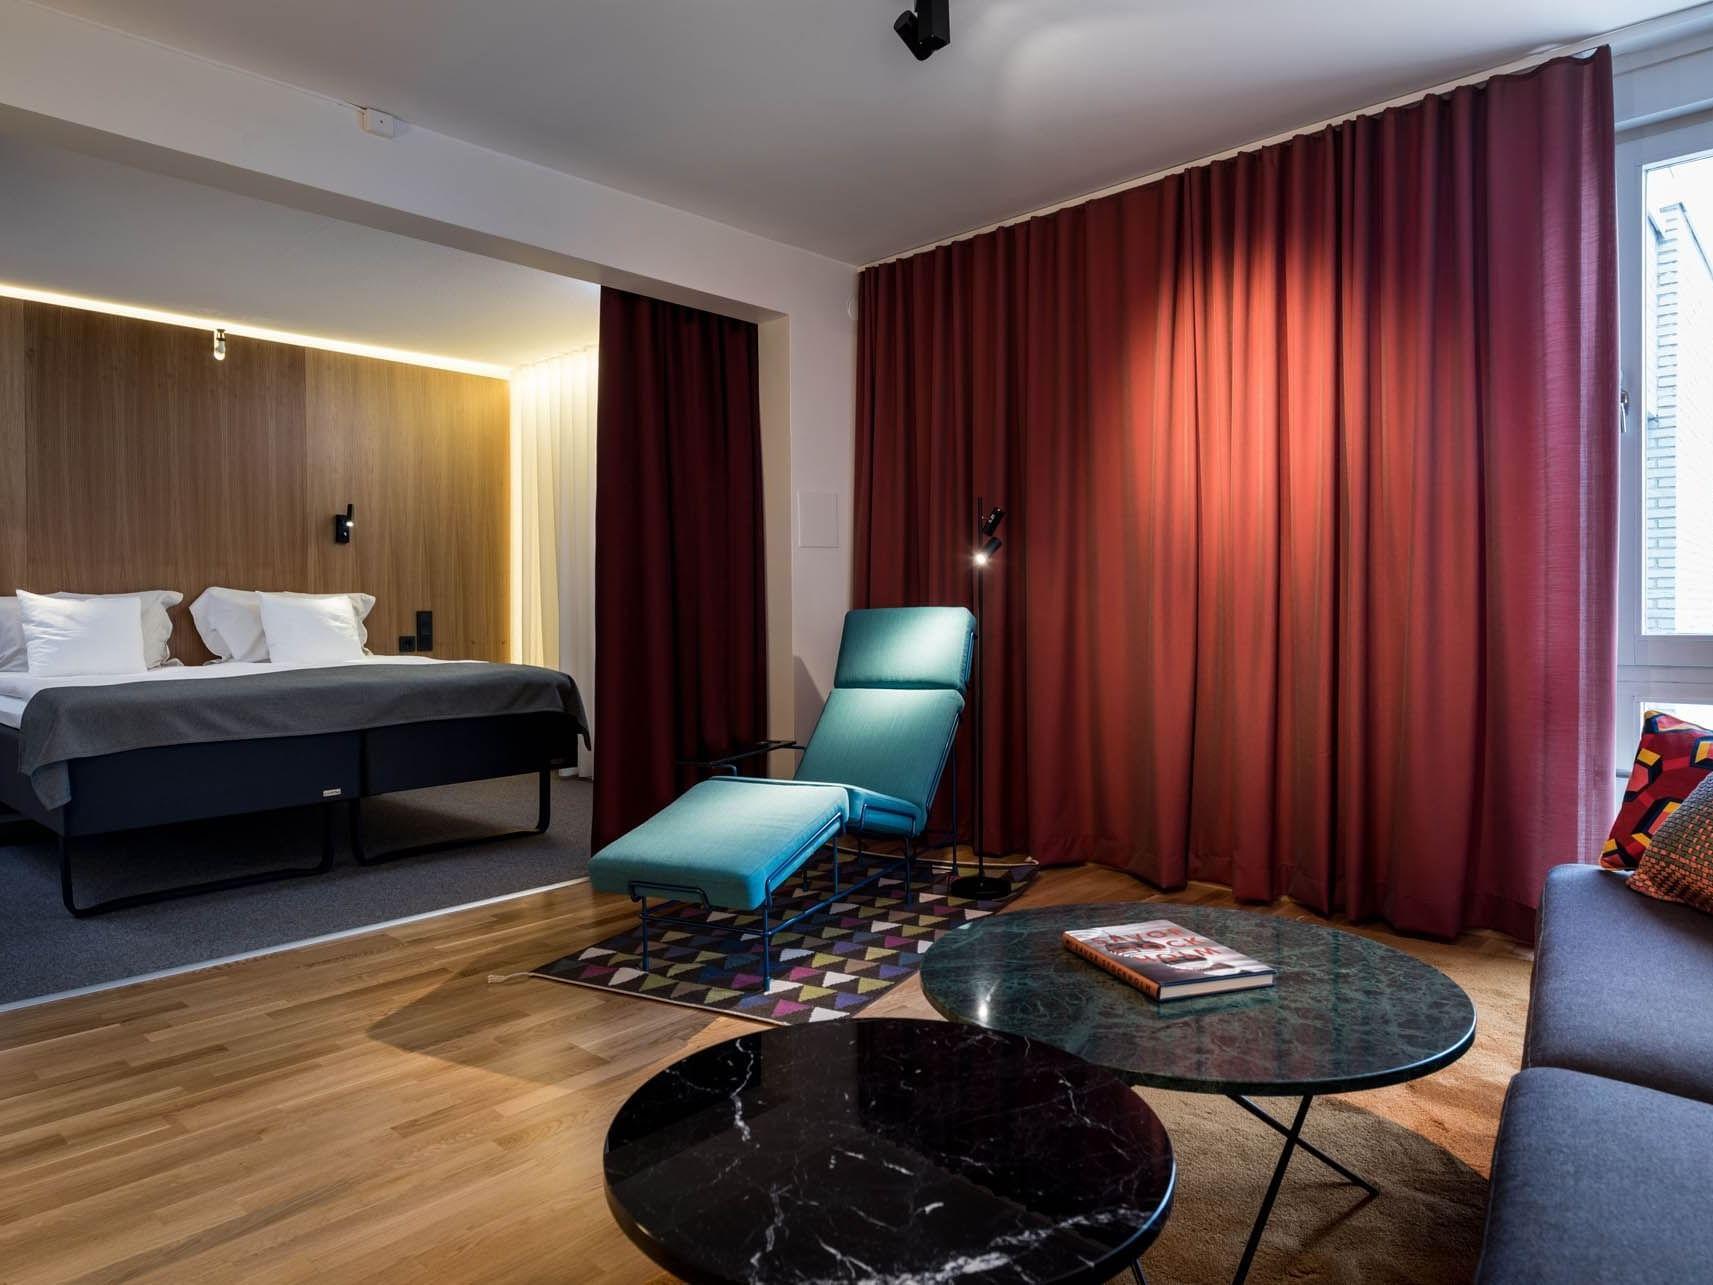 Suite at Hotel Birger Jarl in Stockholm, Sweden